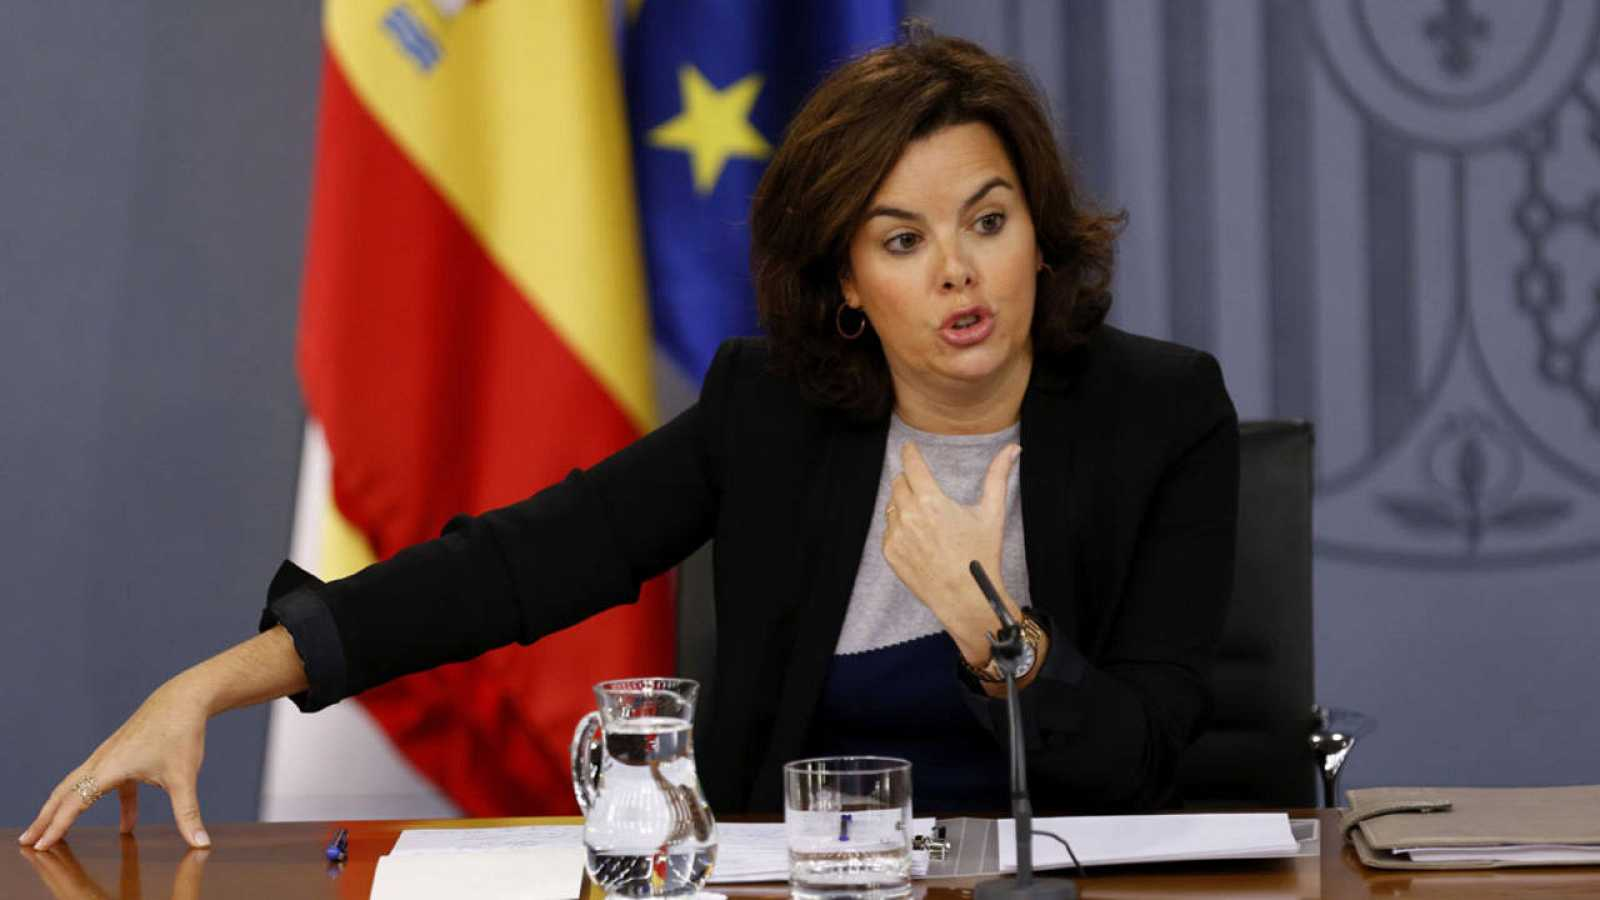 La vicepresidenta del Gobierno en funciones, Soraya Sáenz de Santamaría